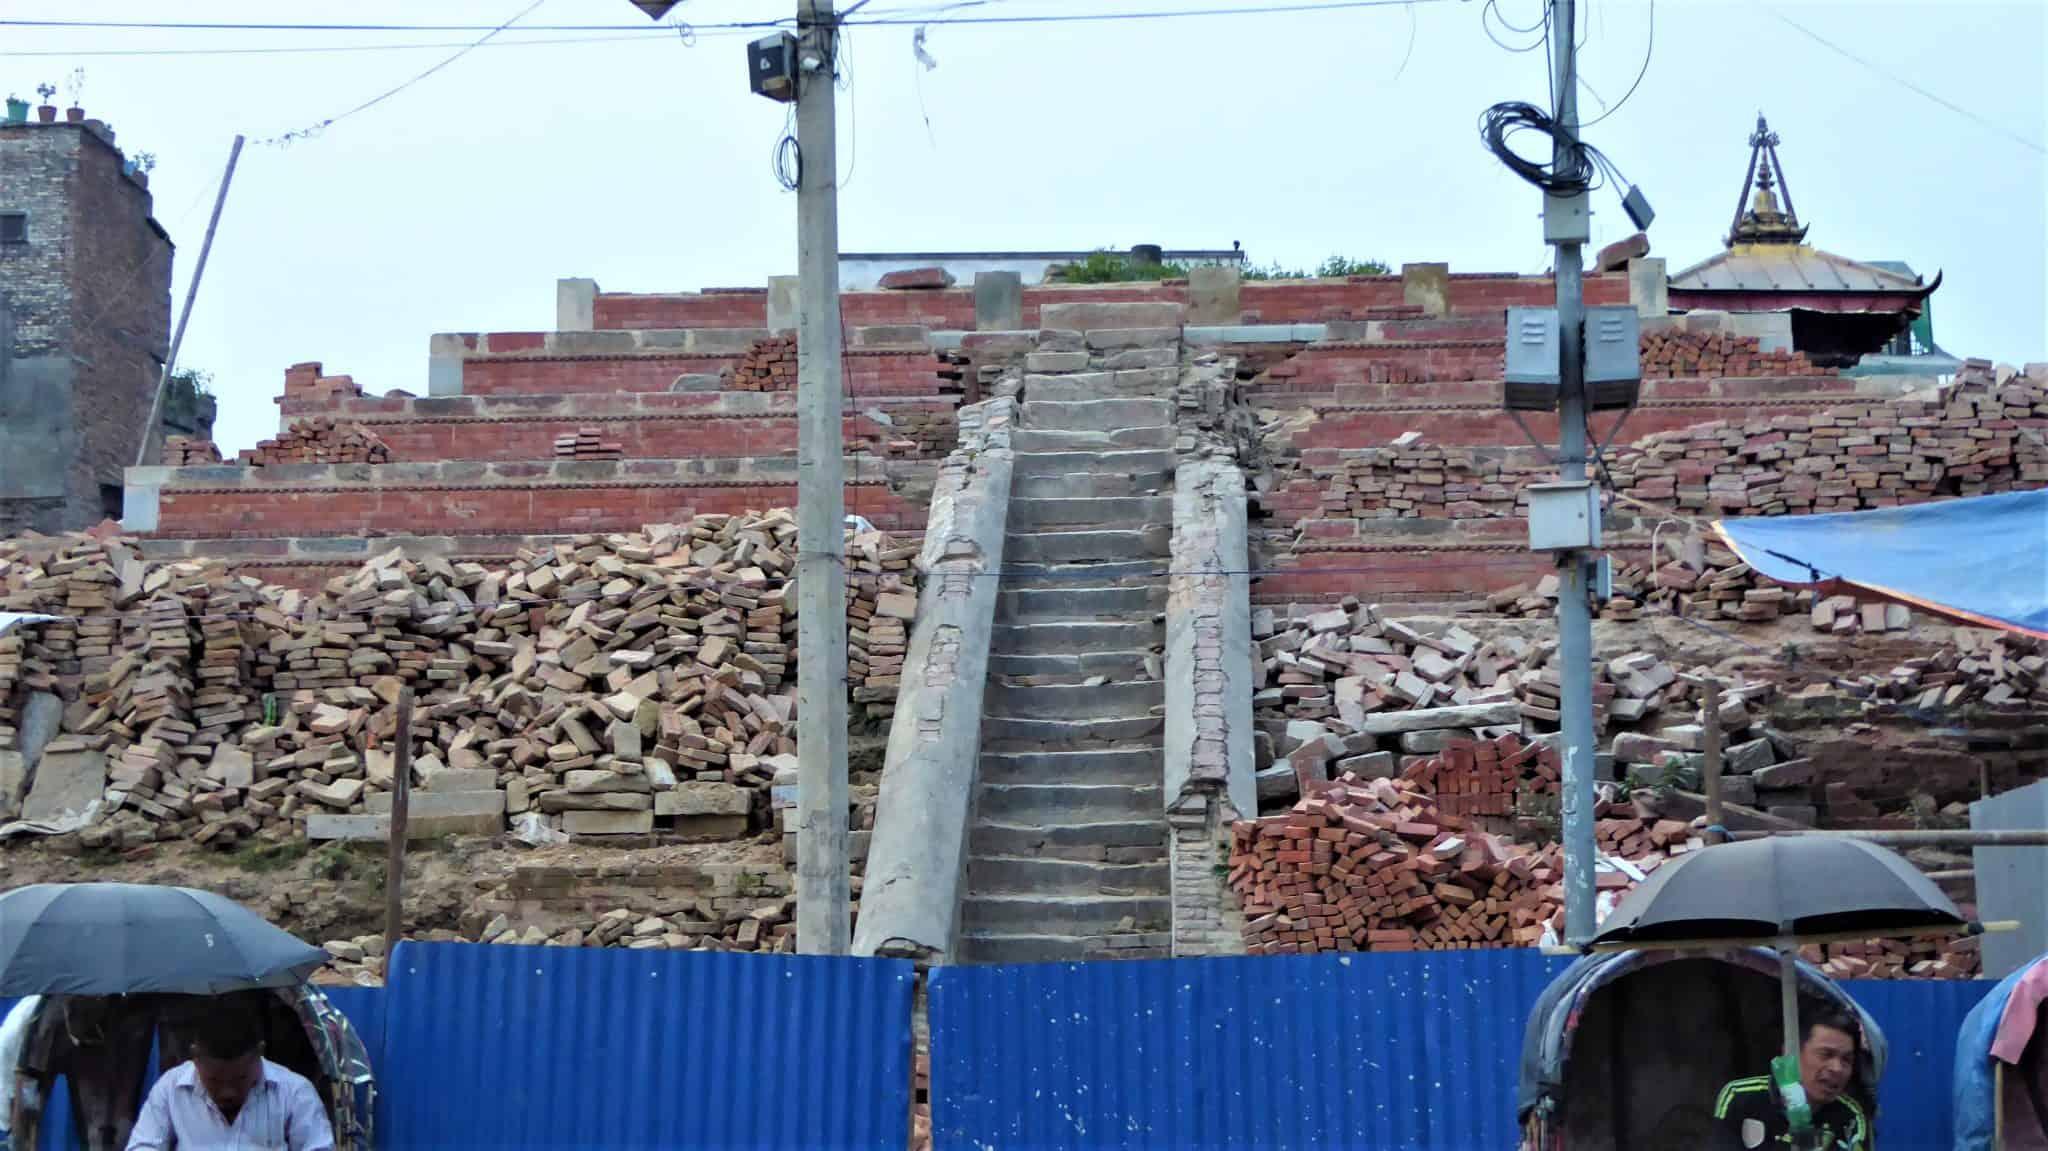 or still in ruins